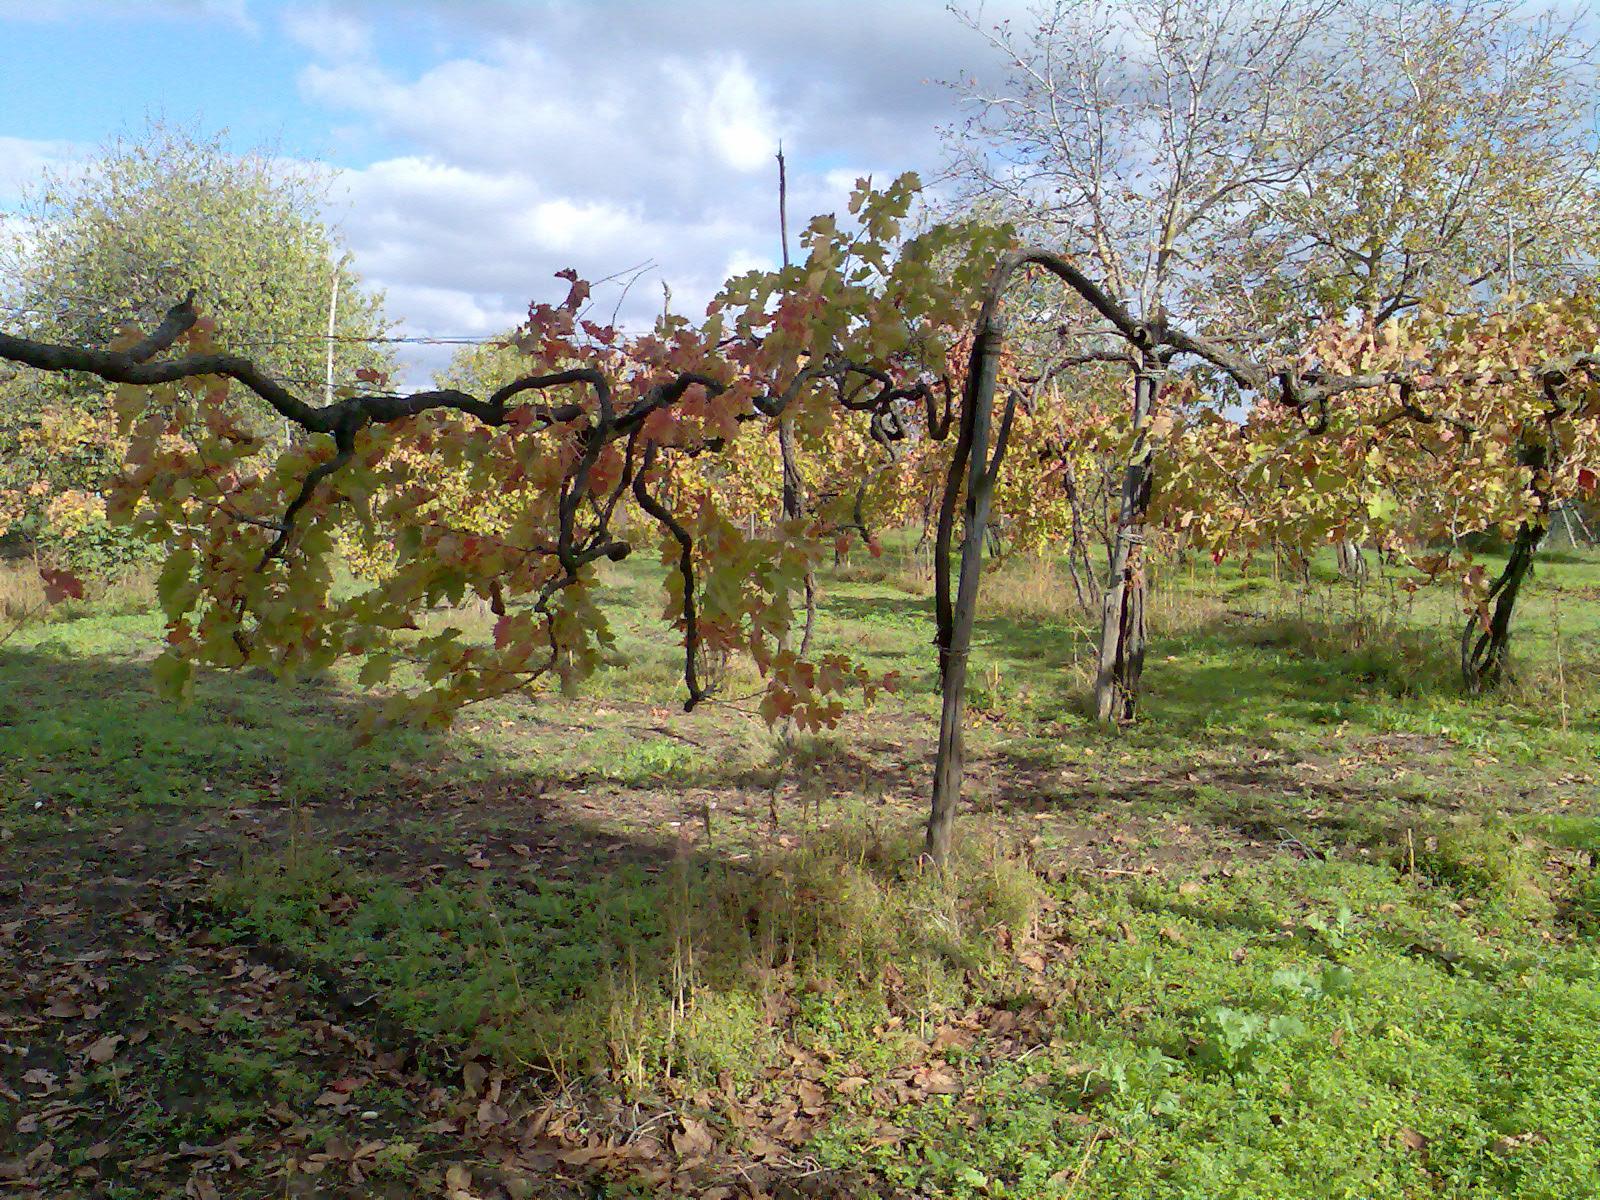 Antico sistema di allevamento tipico dell'area taurasina.